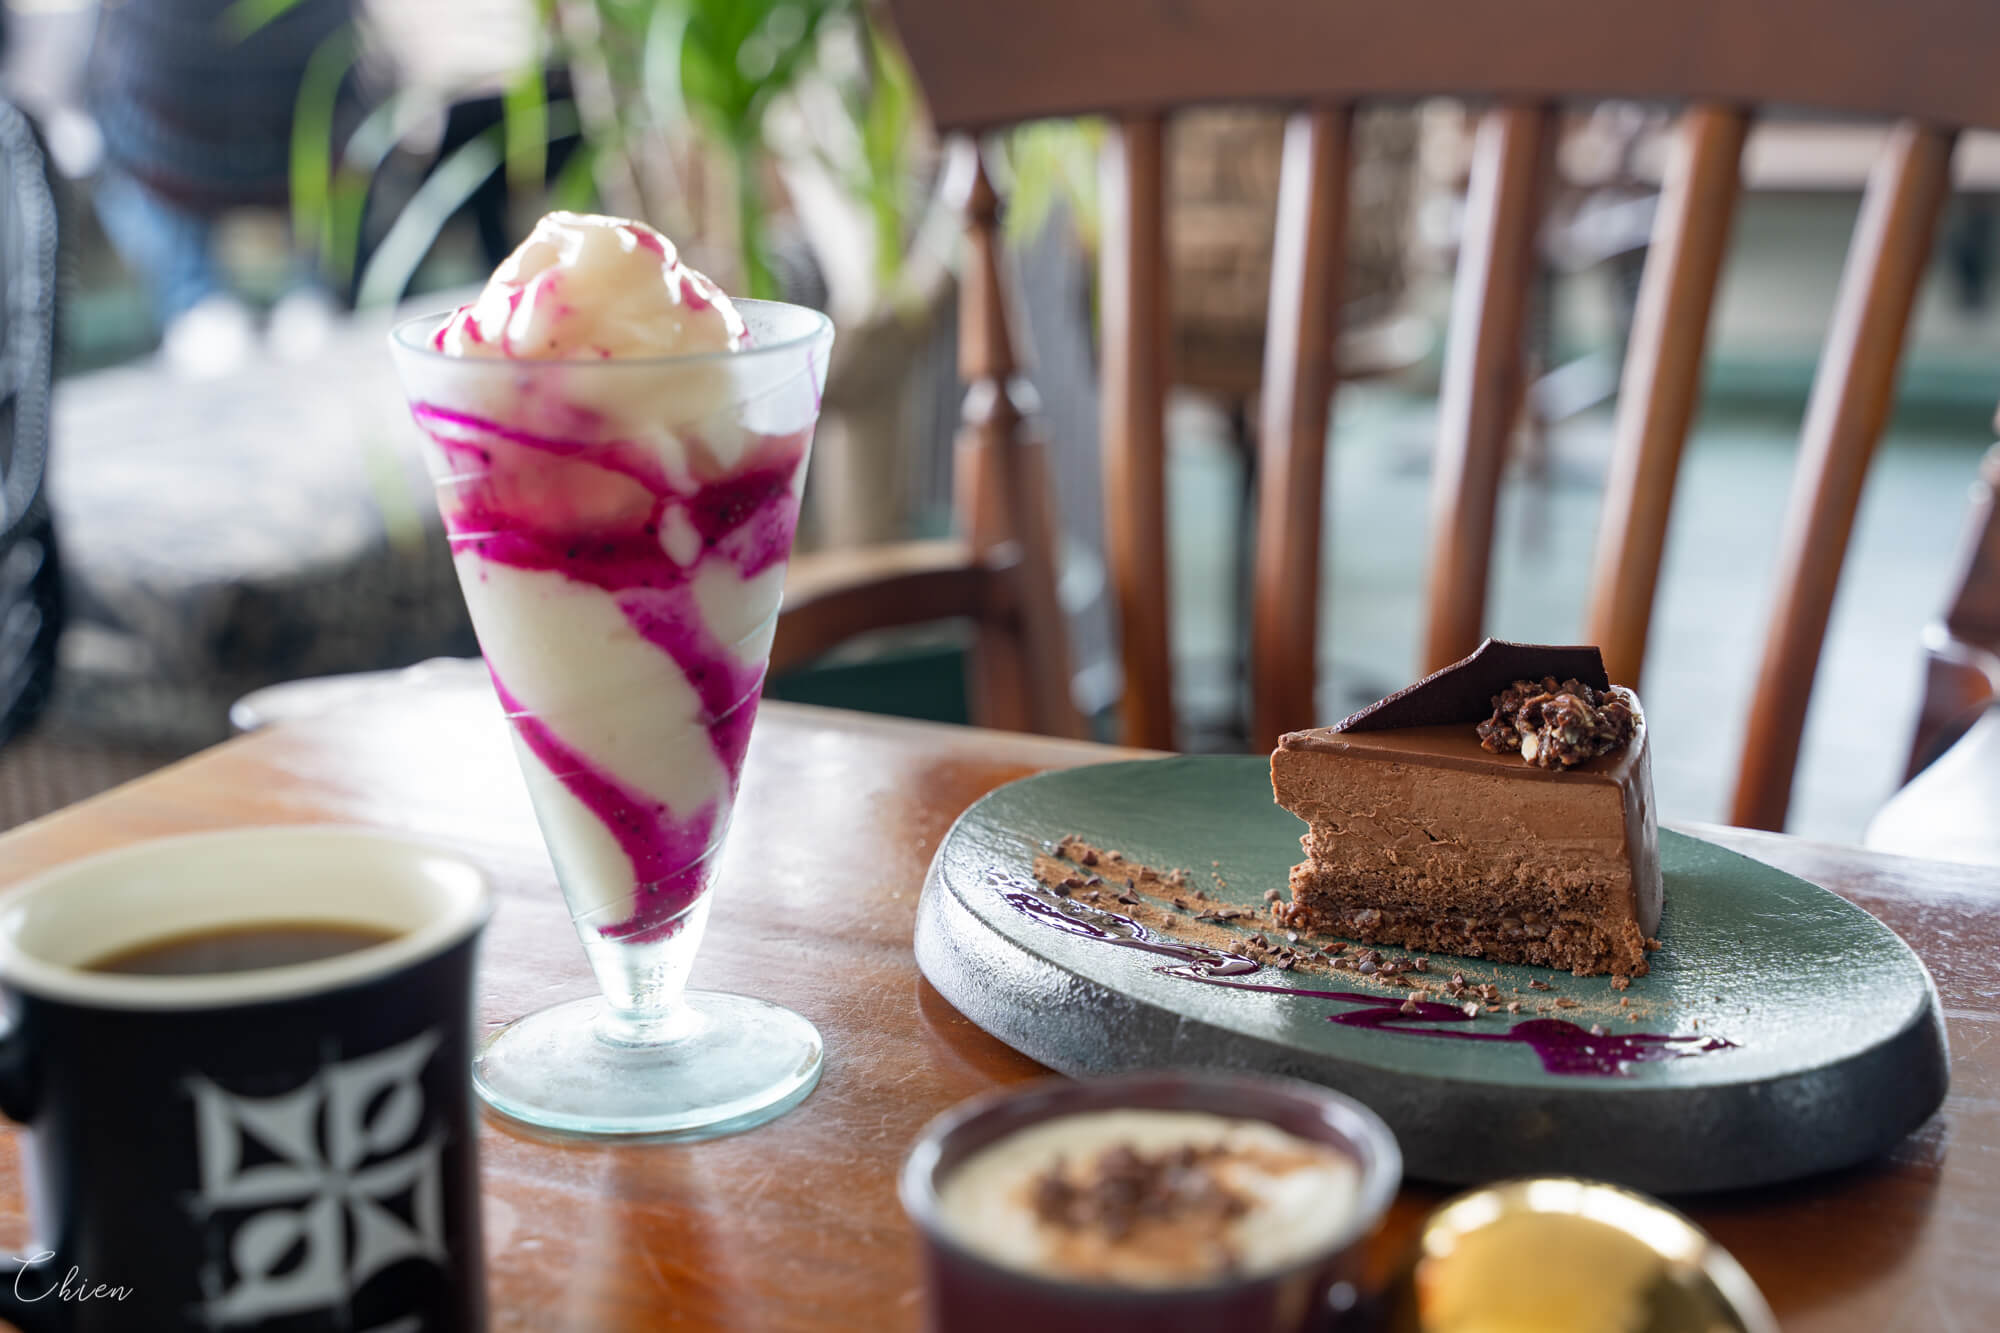 沖繩美國村海景美食 timeless chocolate 巧克力專賣咖啡廳甜點